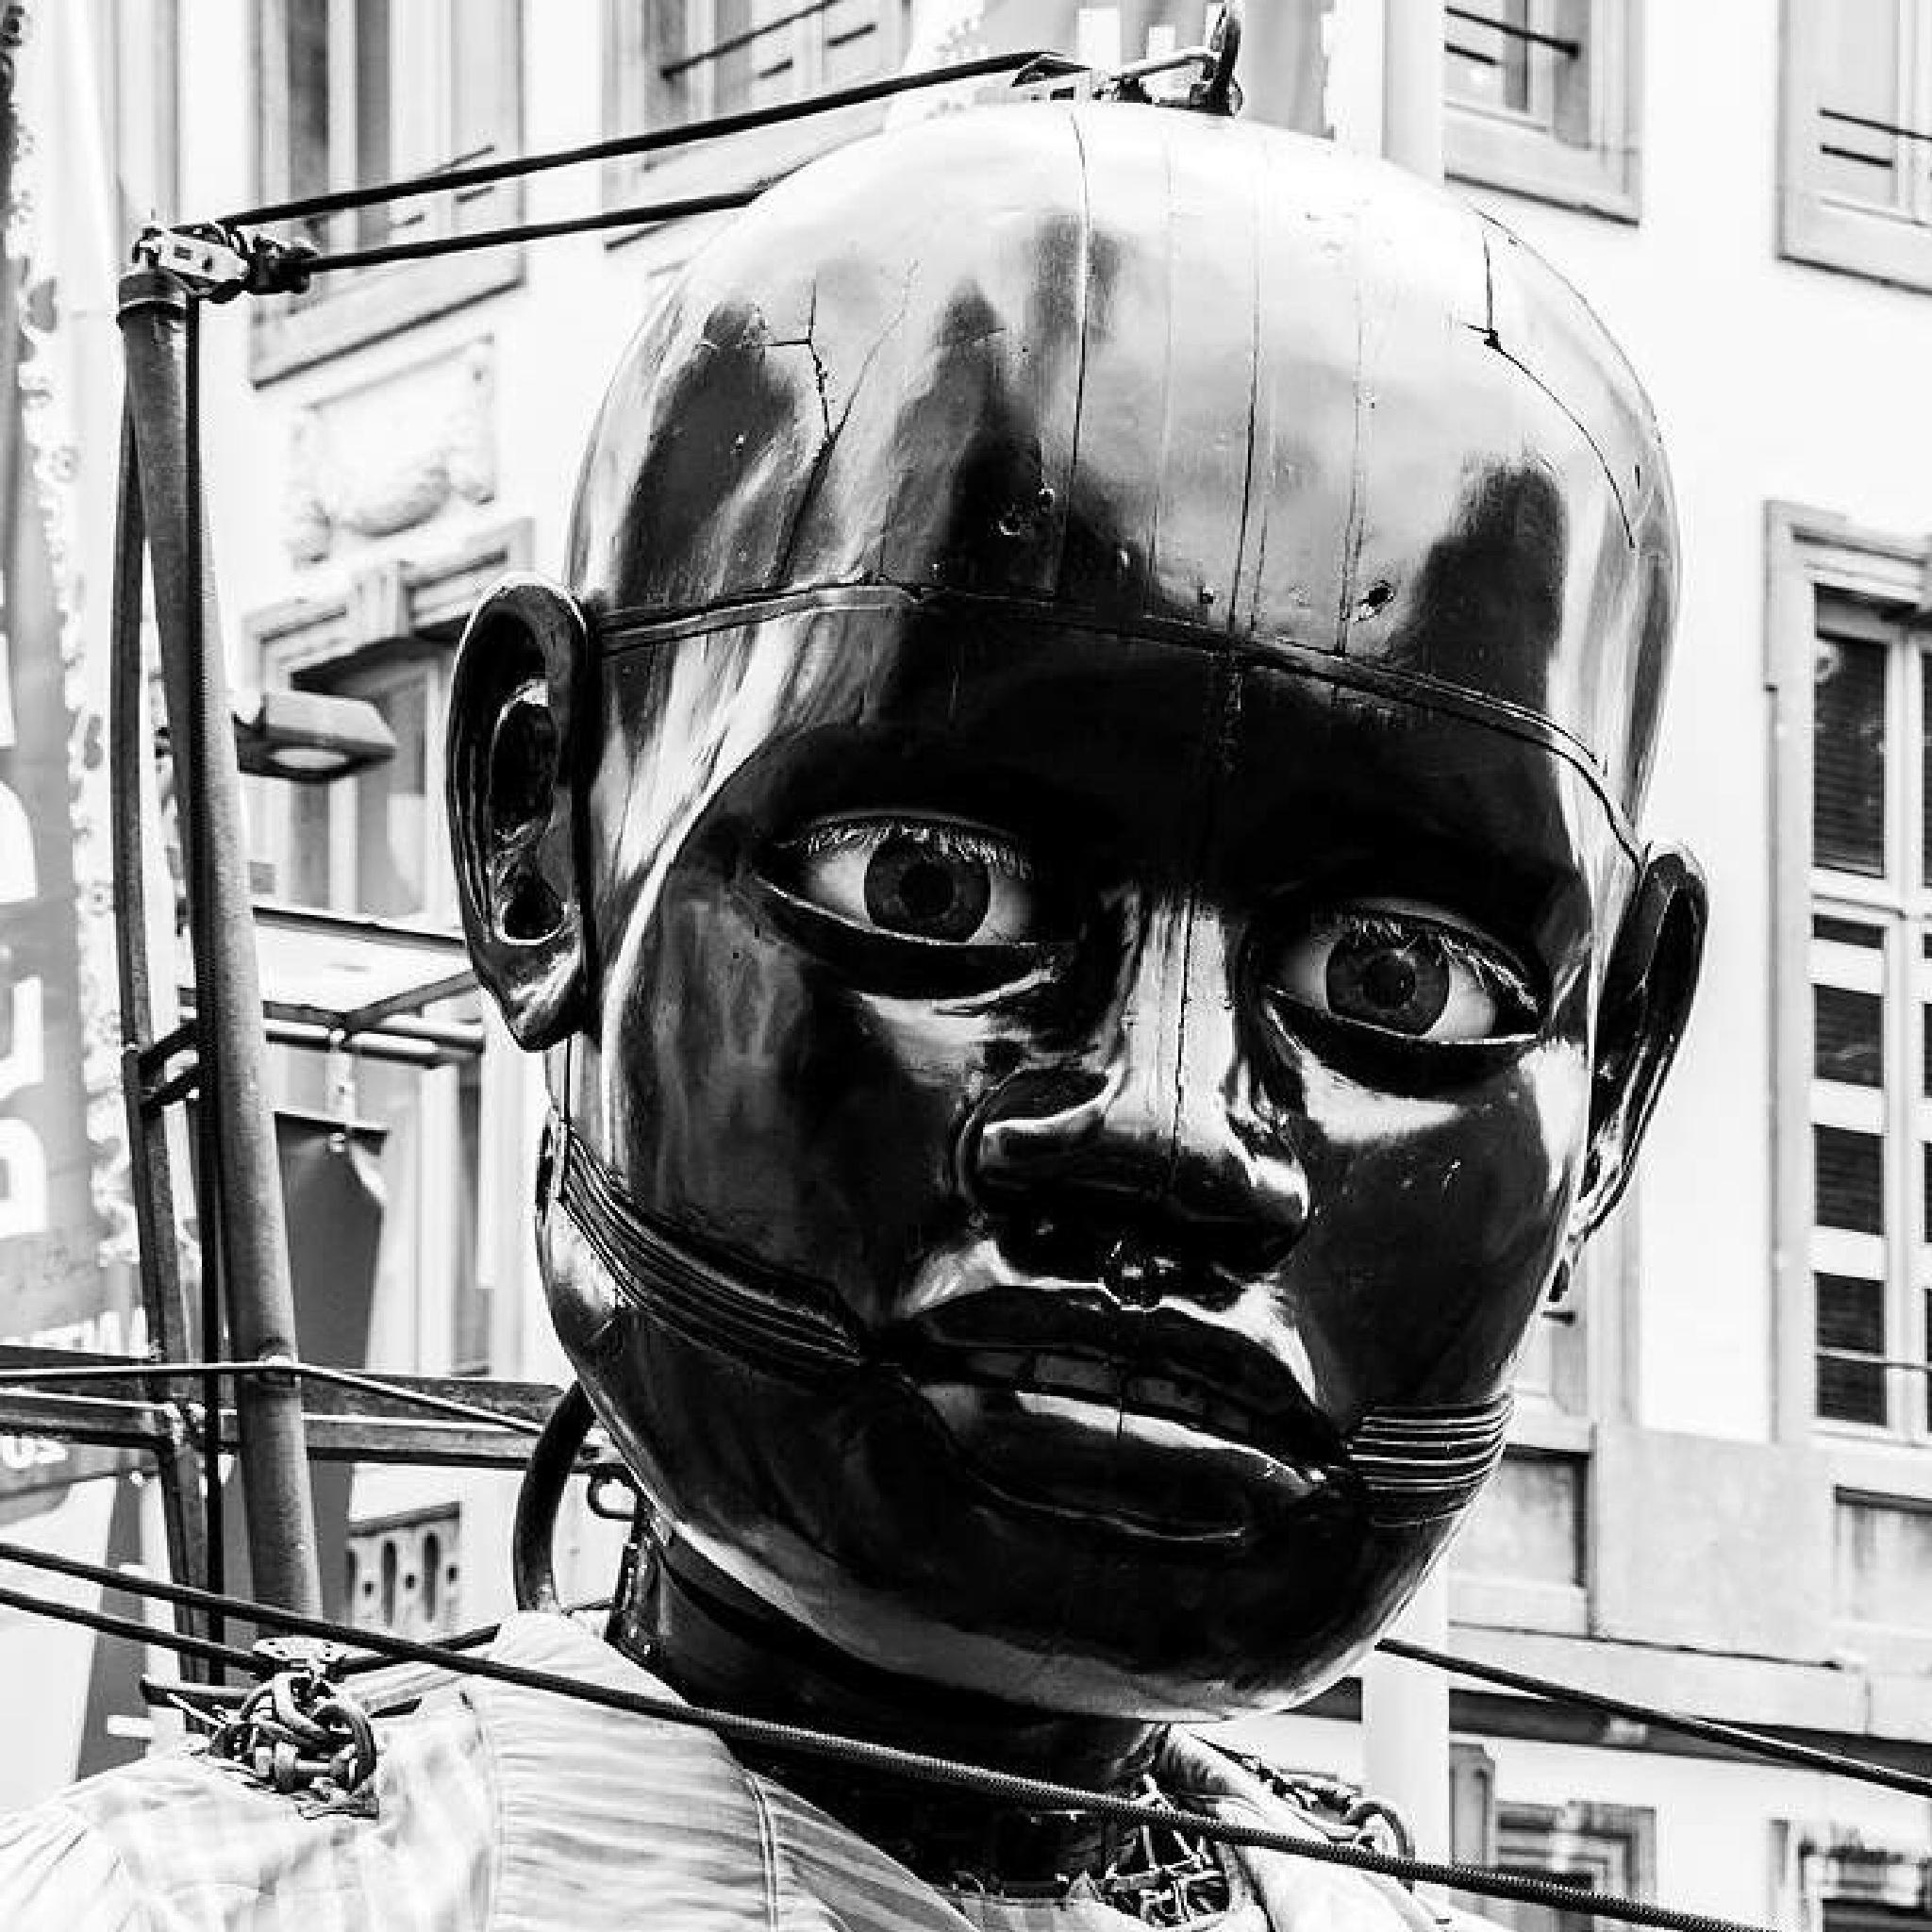 Antwerpen by Gertjan Tichelaar